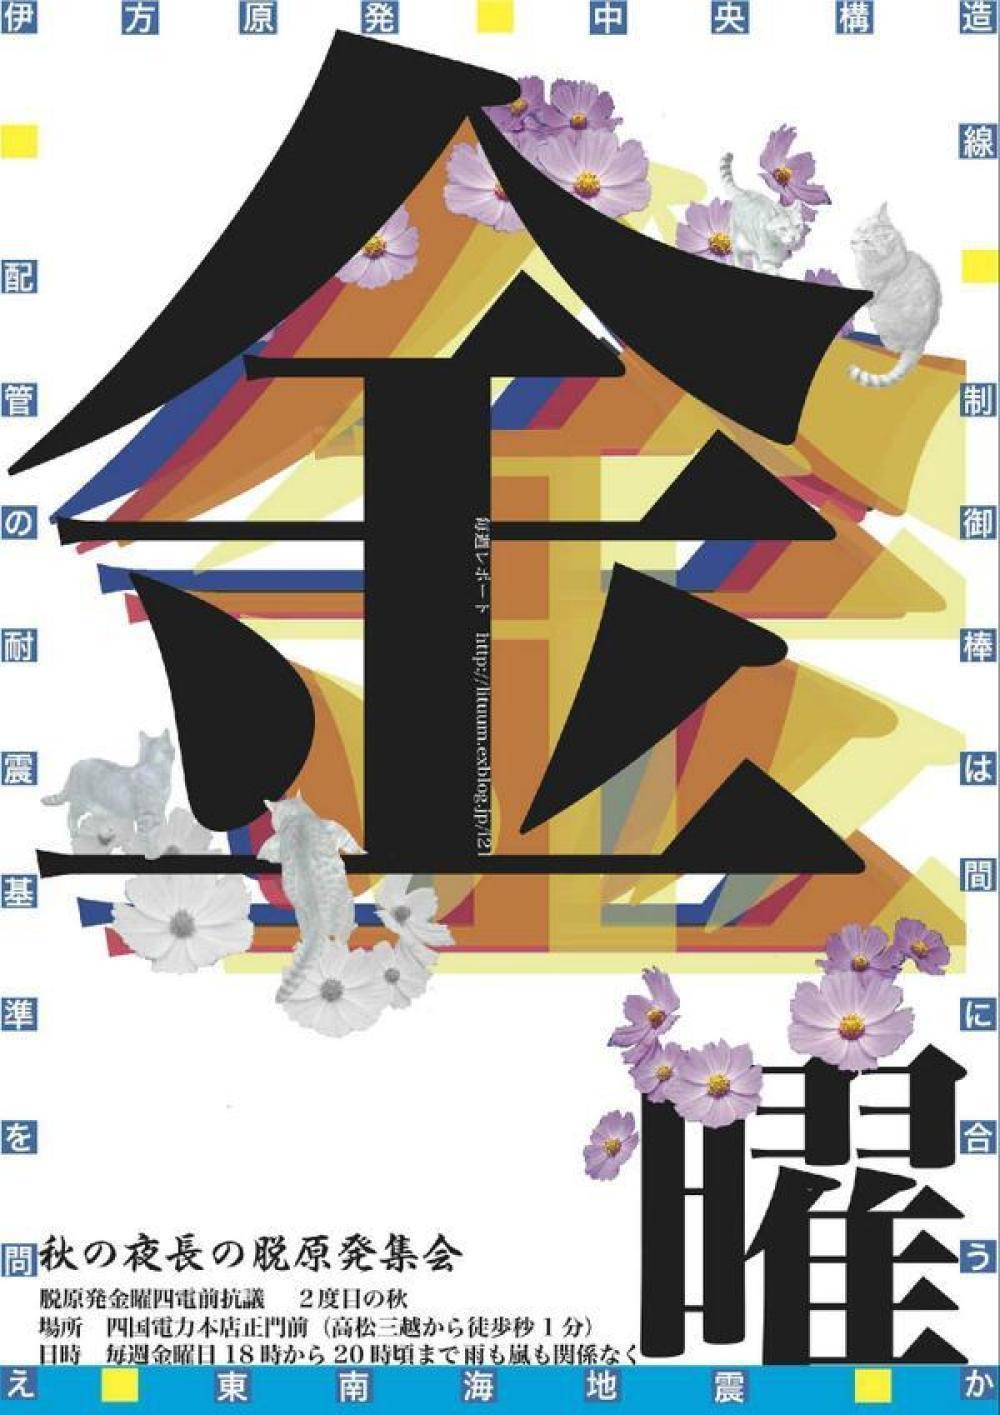 351回目四電本社前再稼働反対抗議レポ 3月29日(金)高松 【伊方原発を止める。私たちは止まらない。23】【 平成の大惨事 】_b0242956_10163858.jpg